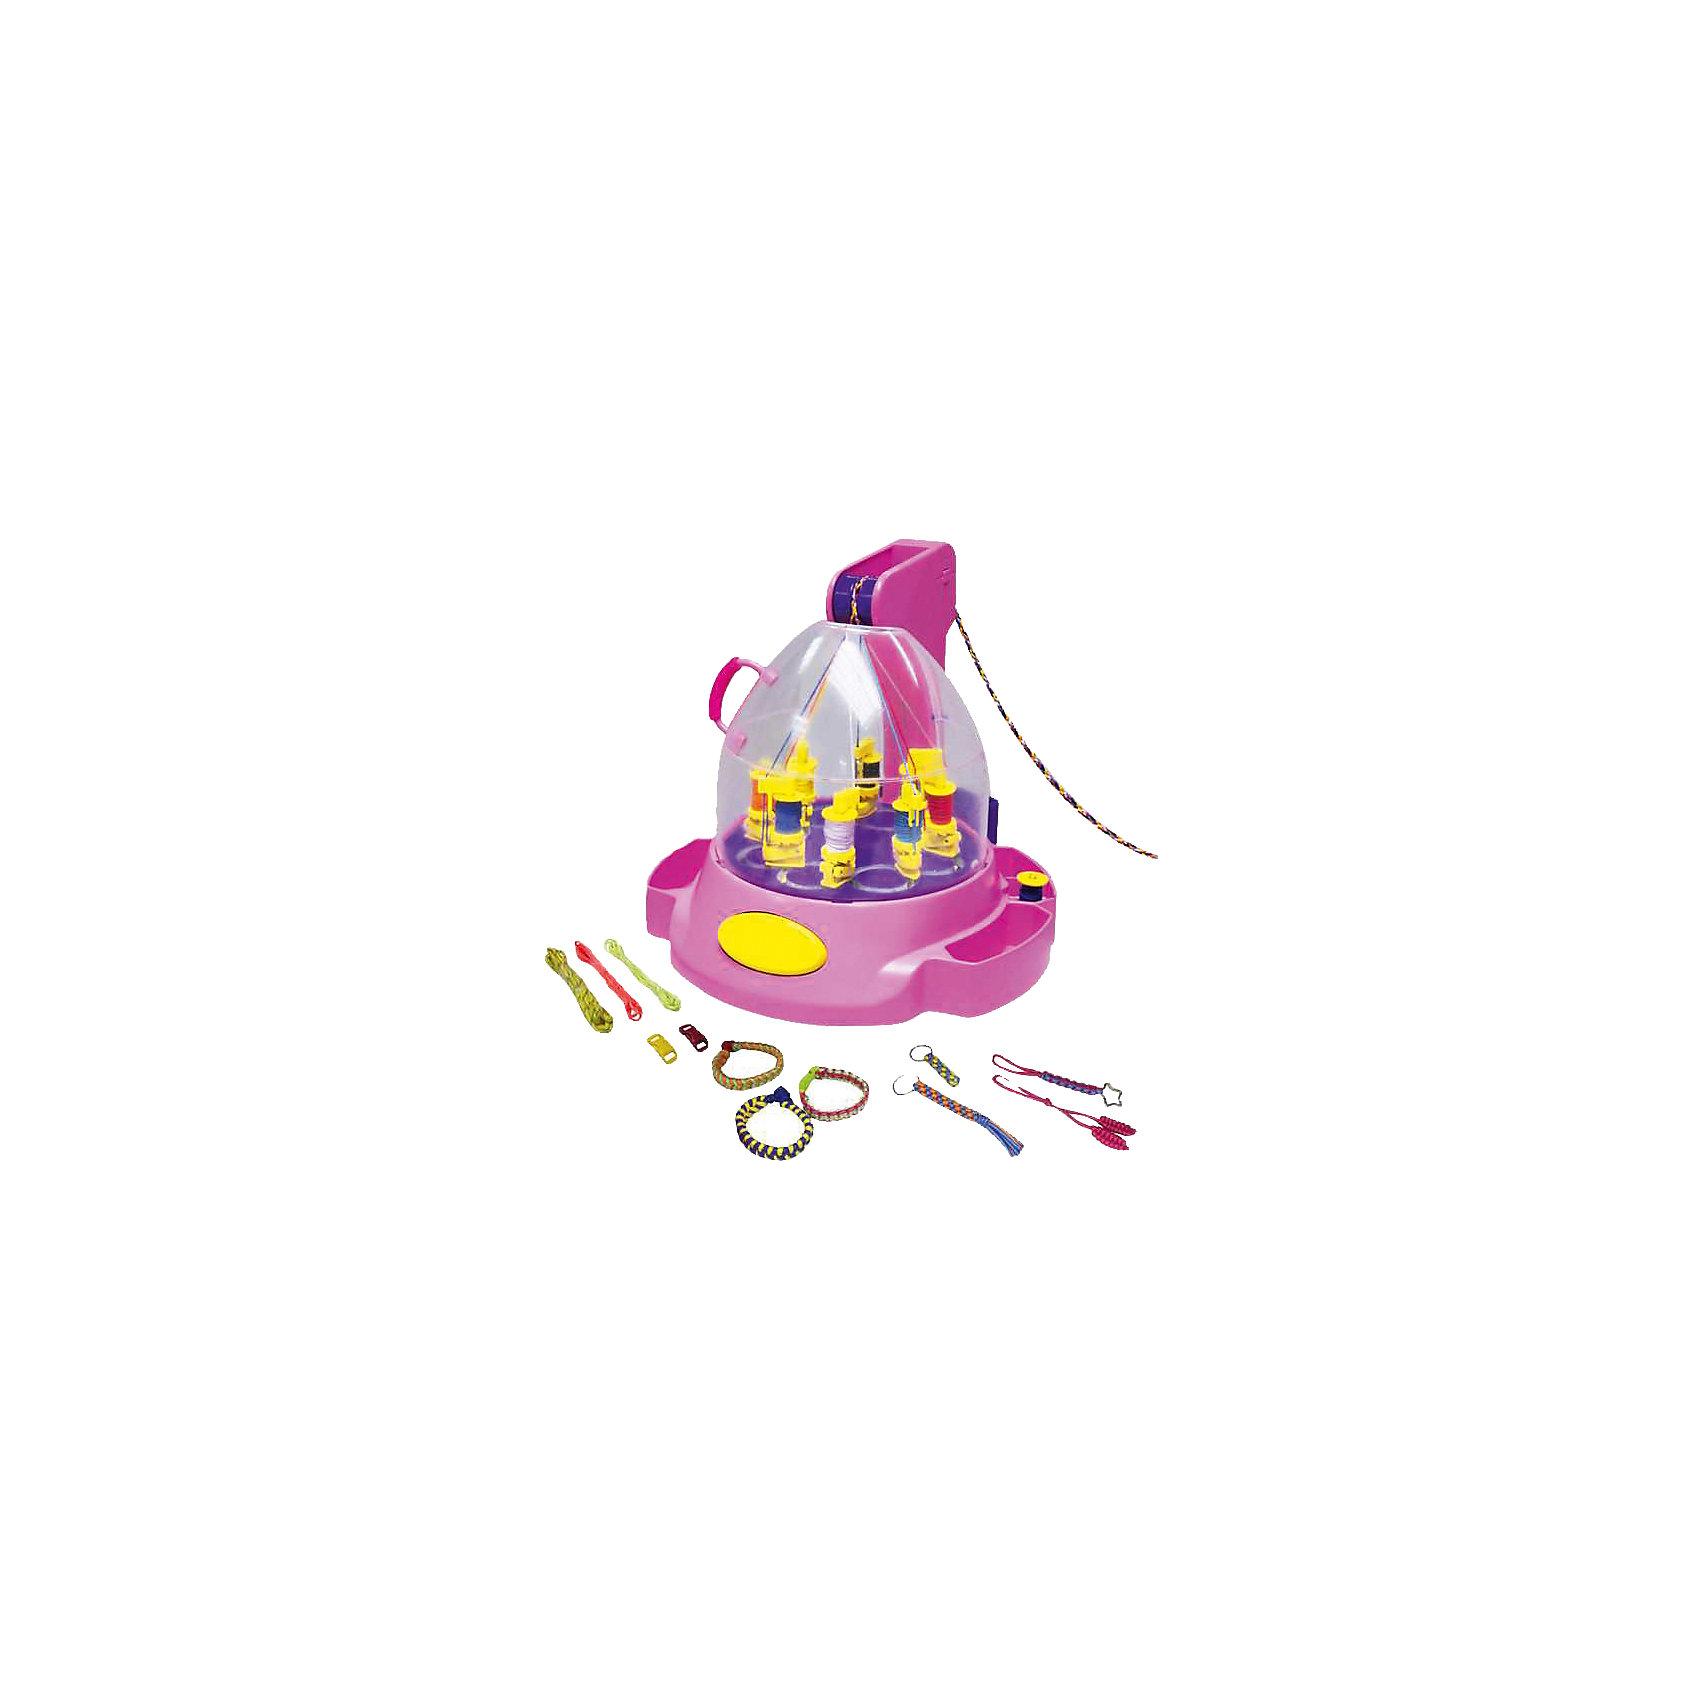 Машинка для плетения украшений, Weavy LoopsРукоделие<br>Машинка для плетения украшений, Weavy Loops - увлекательный набор для творчества, который станет прекрасным подарком для юной любительницы рукоделия. Чудо-машинка будет помогать ей во всех ее творческих экспериментах, позволяя каждый день обновлять коллекцию<br>модных украшений. Оригинальные разноцветные шнурки, которые плетет машинка, послужат основой для создания разнообразных браслетов, украшений и стильных аксессуаров. Машинка безопасна для детей и проста в использовании: достаточно поставить катушки с нитками в базу, накрыть прозрачной крышкой и, нажав на рычаг, получить сплетенные нитки. В комплект также входят мотки разноцветных ниток, кольца, зажимы и катушки. Необычные украшения помогут создать свой неповторимый стиль или станут прекрасным подарком, сделанным своими руками. Комплект оформлен в яркую подарочную коробочку. Развивает творческие и художественные способности, фантазию, усидчивость, мелкую моторику. <br><br> Дополнительная информация:<br><br>- В комплекте: машинка для плетения, 2 кольца, 3 зажима, 24 мотка ниток разных цветов, катушки различной формы, инструкция.<br>- Материал: пластик, текстиль, металл.<br>- Требуются батарейки: 3 х АА / LR6 1.5V (пальчиковые) (не входят в комплект).<br>- Размер упаковки: 15 x 25 x 20 см. <br>- Вес: 0,73 кг.<br><br>Машинку для плетения украшений, Weavy Loops, можно купить в нашем интернет-магазине.<br><br>Ширина мм: 267<br>Глубина мм: 246<br>Высота мм: 246<br>Вес г: 1011<br>Возраст от месяцев: 72<br>Возраст до месяцев: 144<br>Пол: Женский<br>Возраст: Детский<br>SKU: 4050217